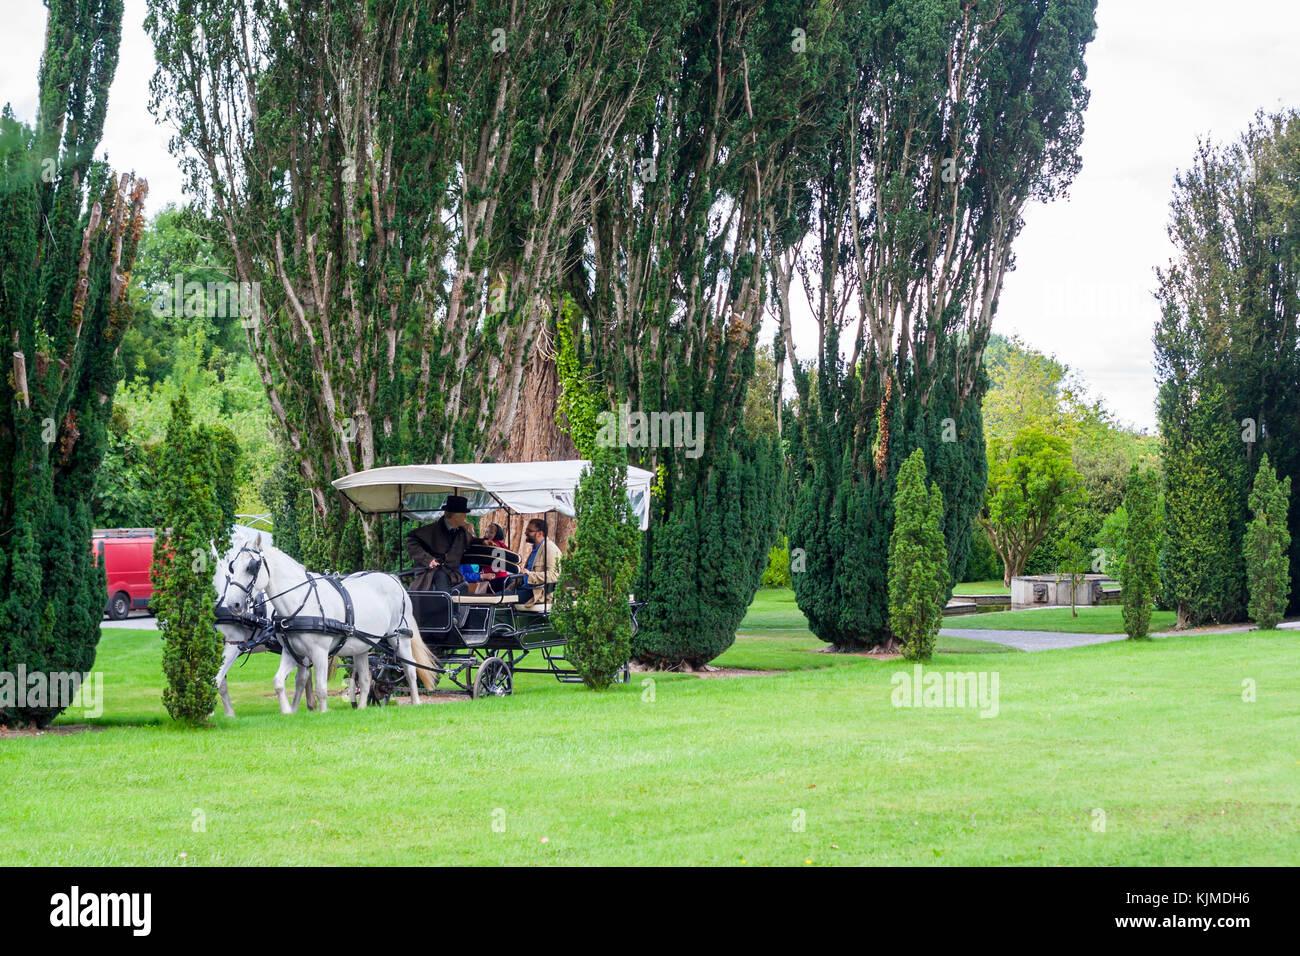 Zwei Weiße Pferde Tragen Scheuklappen Ziehen Einer Kutsche Mit Einem